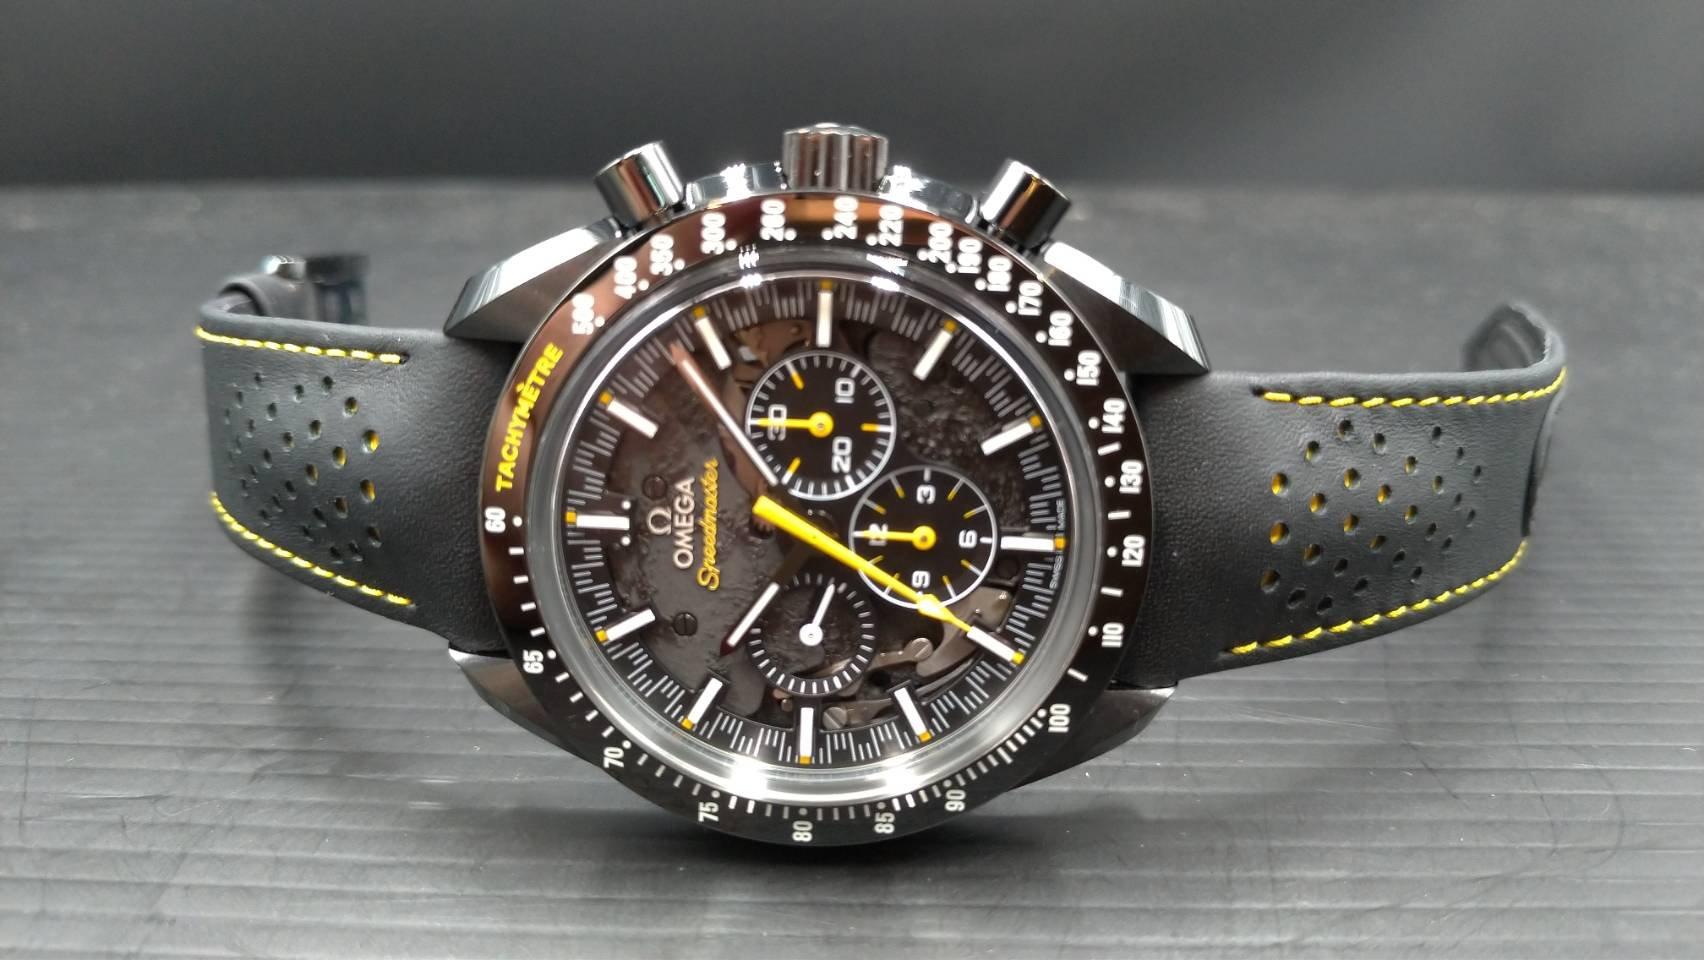 OMEGA 歐米茄 登月錶 超霸系列.太陽神阿波羅8號月之暗面.44.25毫米大師天文台計時腕錶 Zro2陶瓷錶殼.專賣